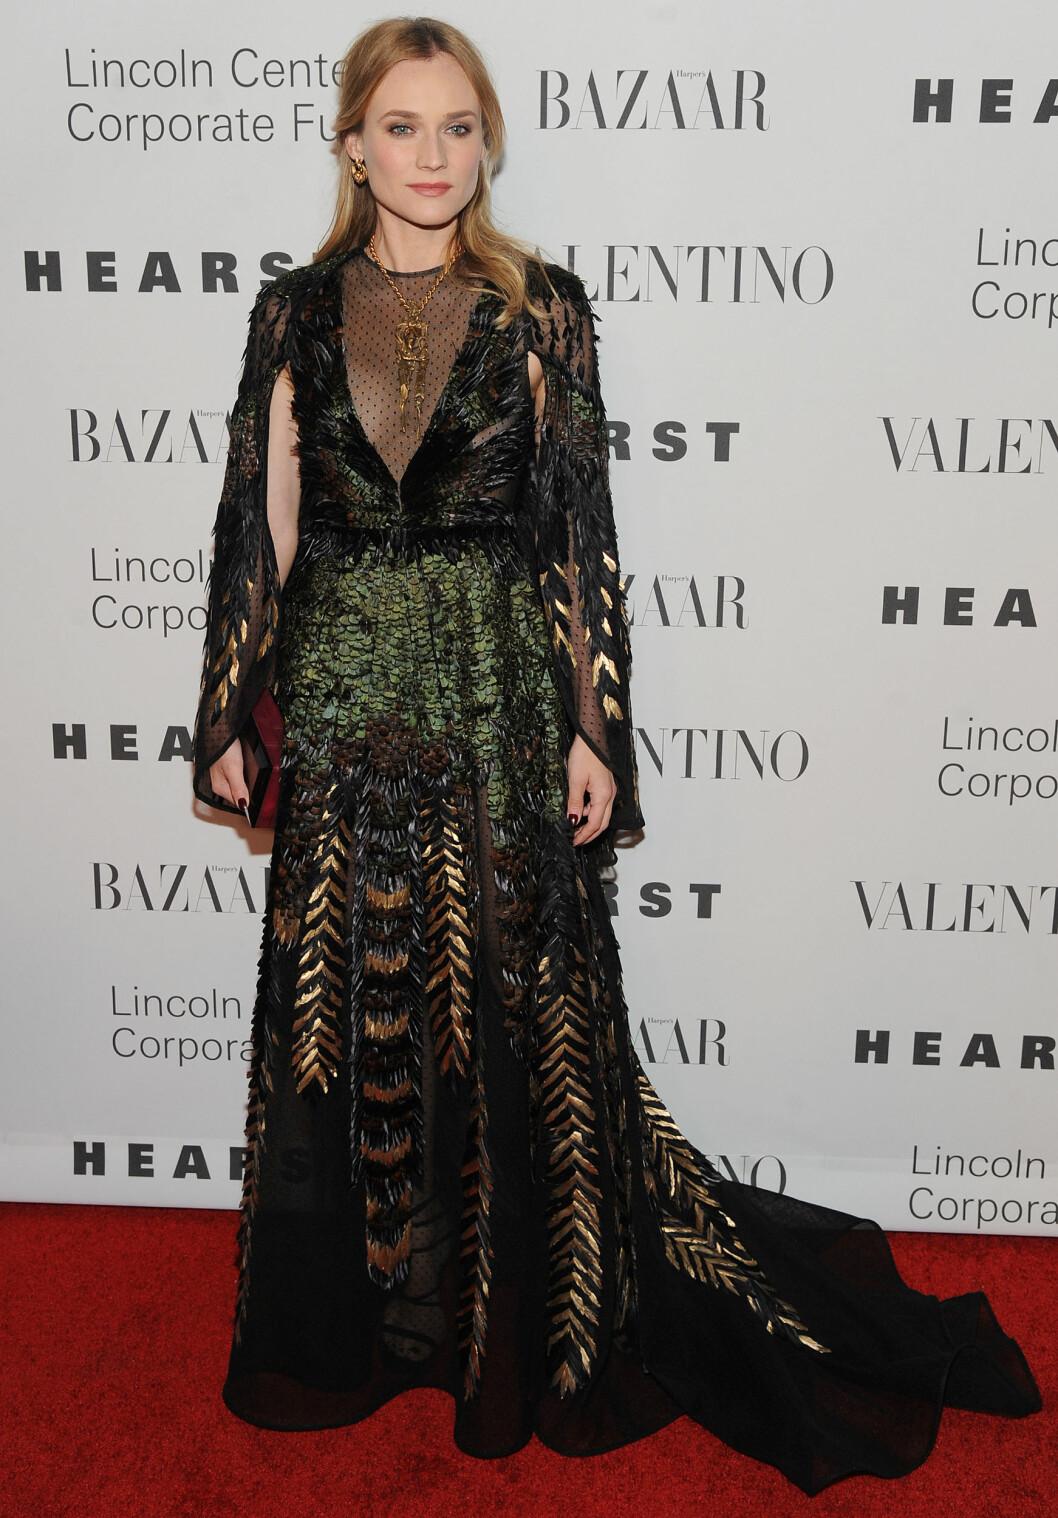 <strong>VAKKER PÅFUGL:</strong> Skuespiller Diane Kruger får skryt for sin vakkert broderte fjærkjole fra Valentions couture-kolleksjon for høsten 2015. Det massive gullsmykker gjorde kjolens utringning mer «kledd». Foto: Broadimage